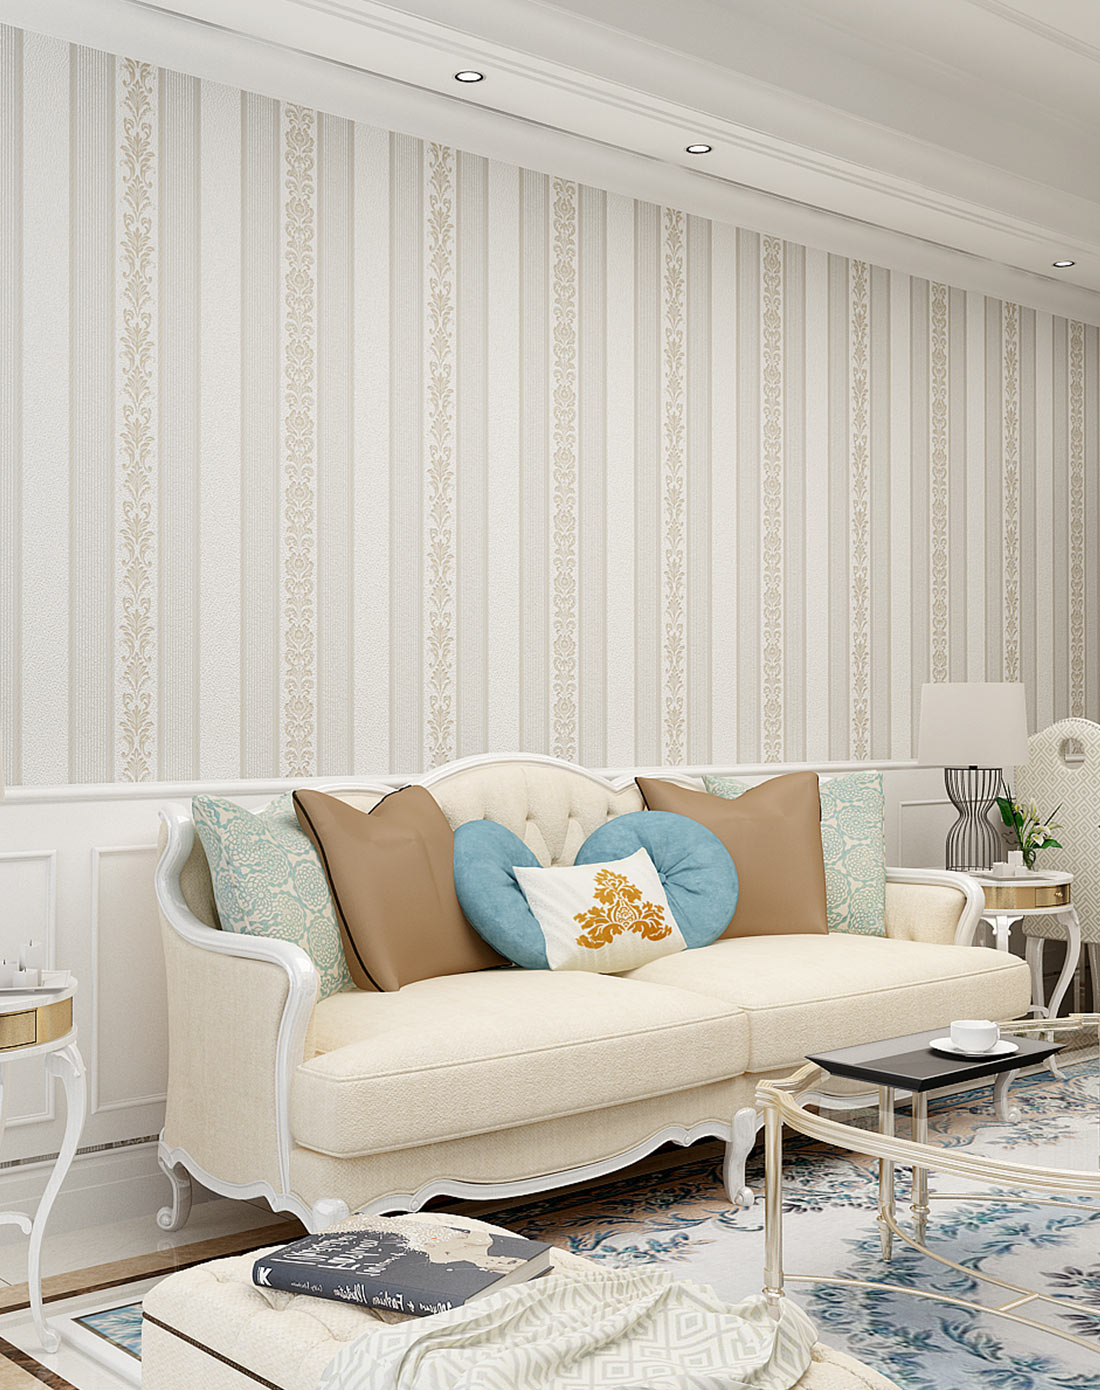 米素墙纸专场银白色3d欧式竖条纹无纺布墙纸ms-20903